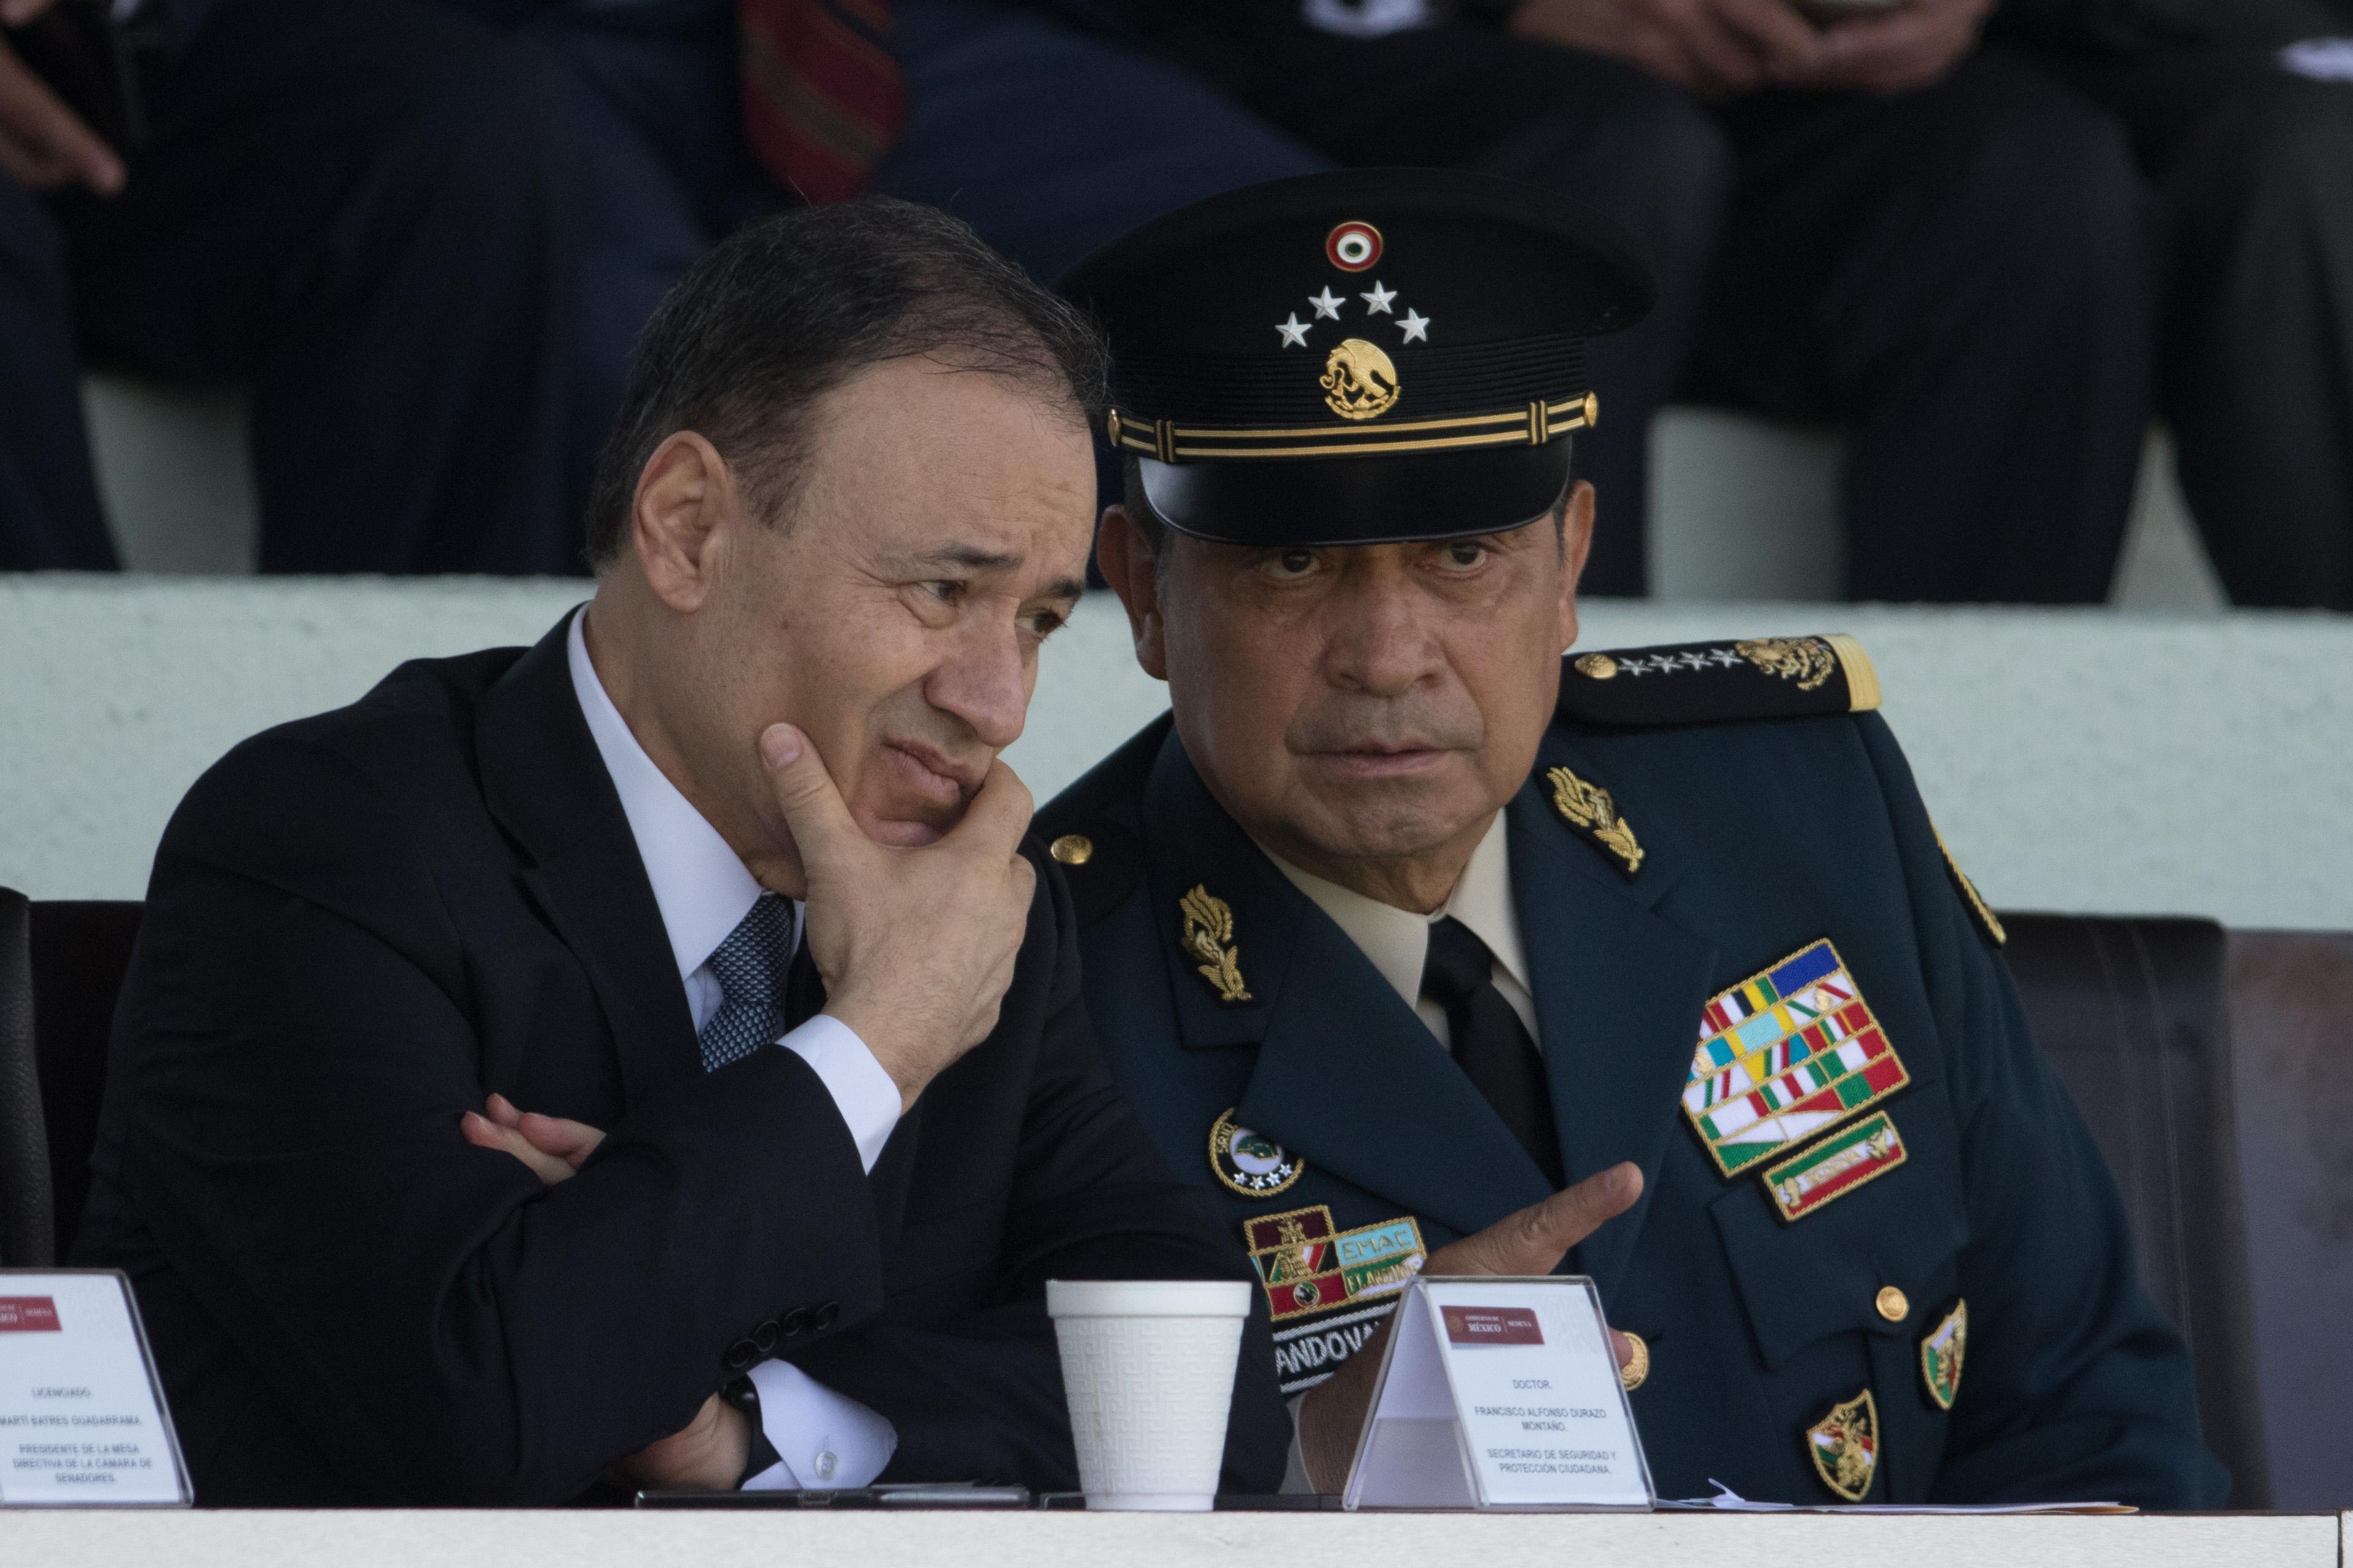 Un patrullaje de rutina provocó la captura del hijo del Chapo Guzmán